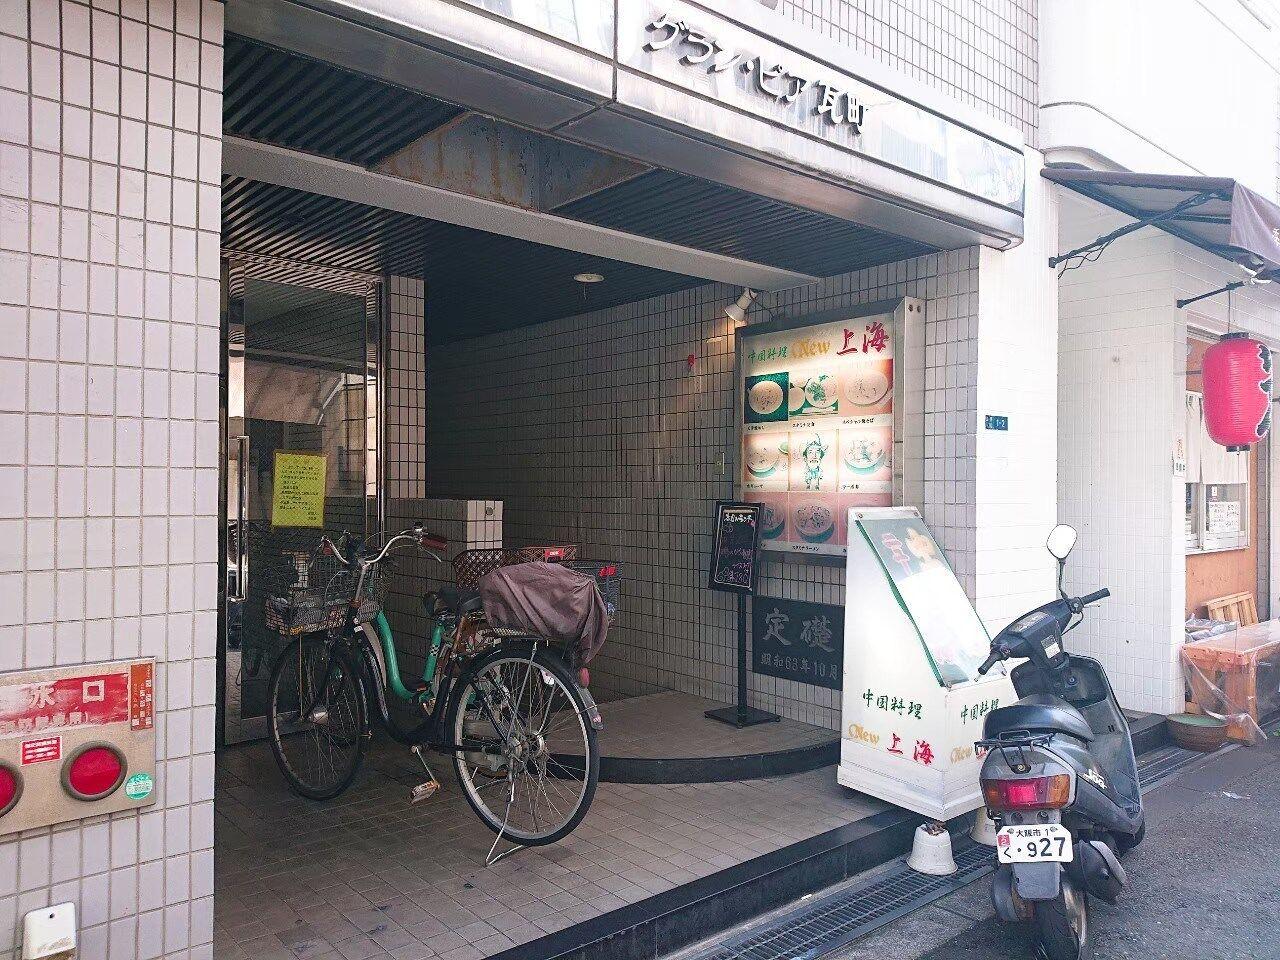 『ニュー上海』堺筋本町-ボリューム満点の「天津カレー炒飯」が美味しい♪ランチにおすすめの中華料理店!-